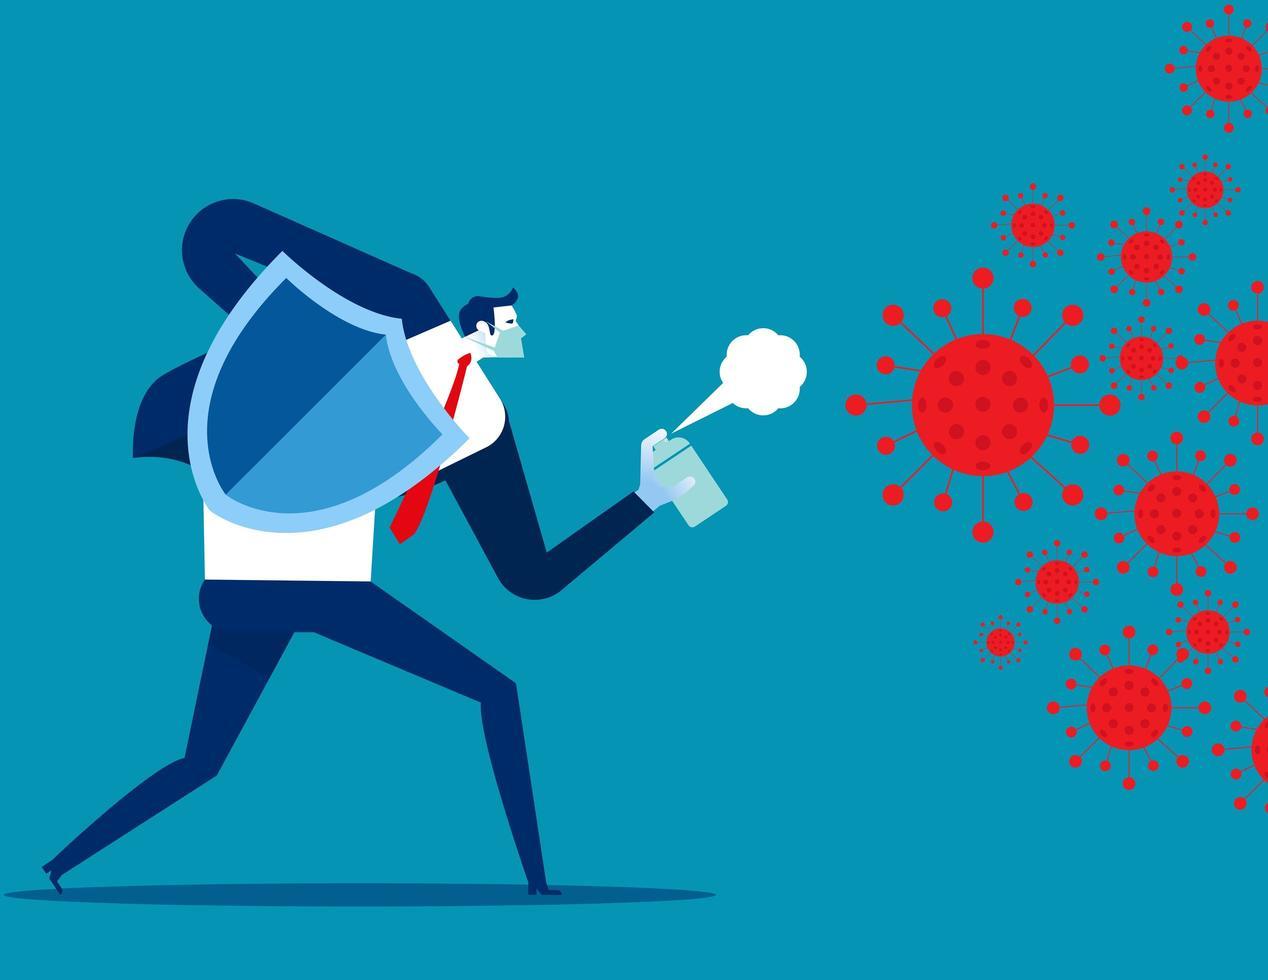 Mann kämpft gegen Covid 19 Virus vektor